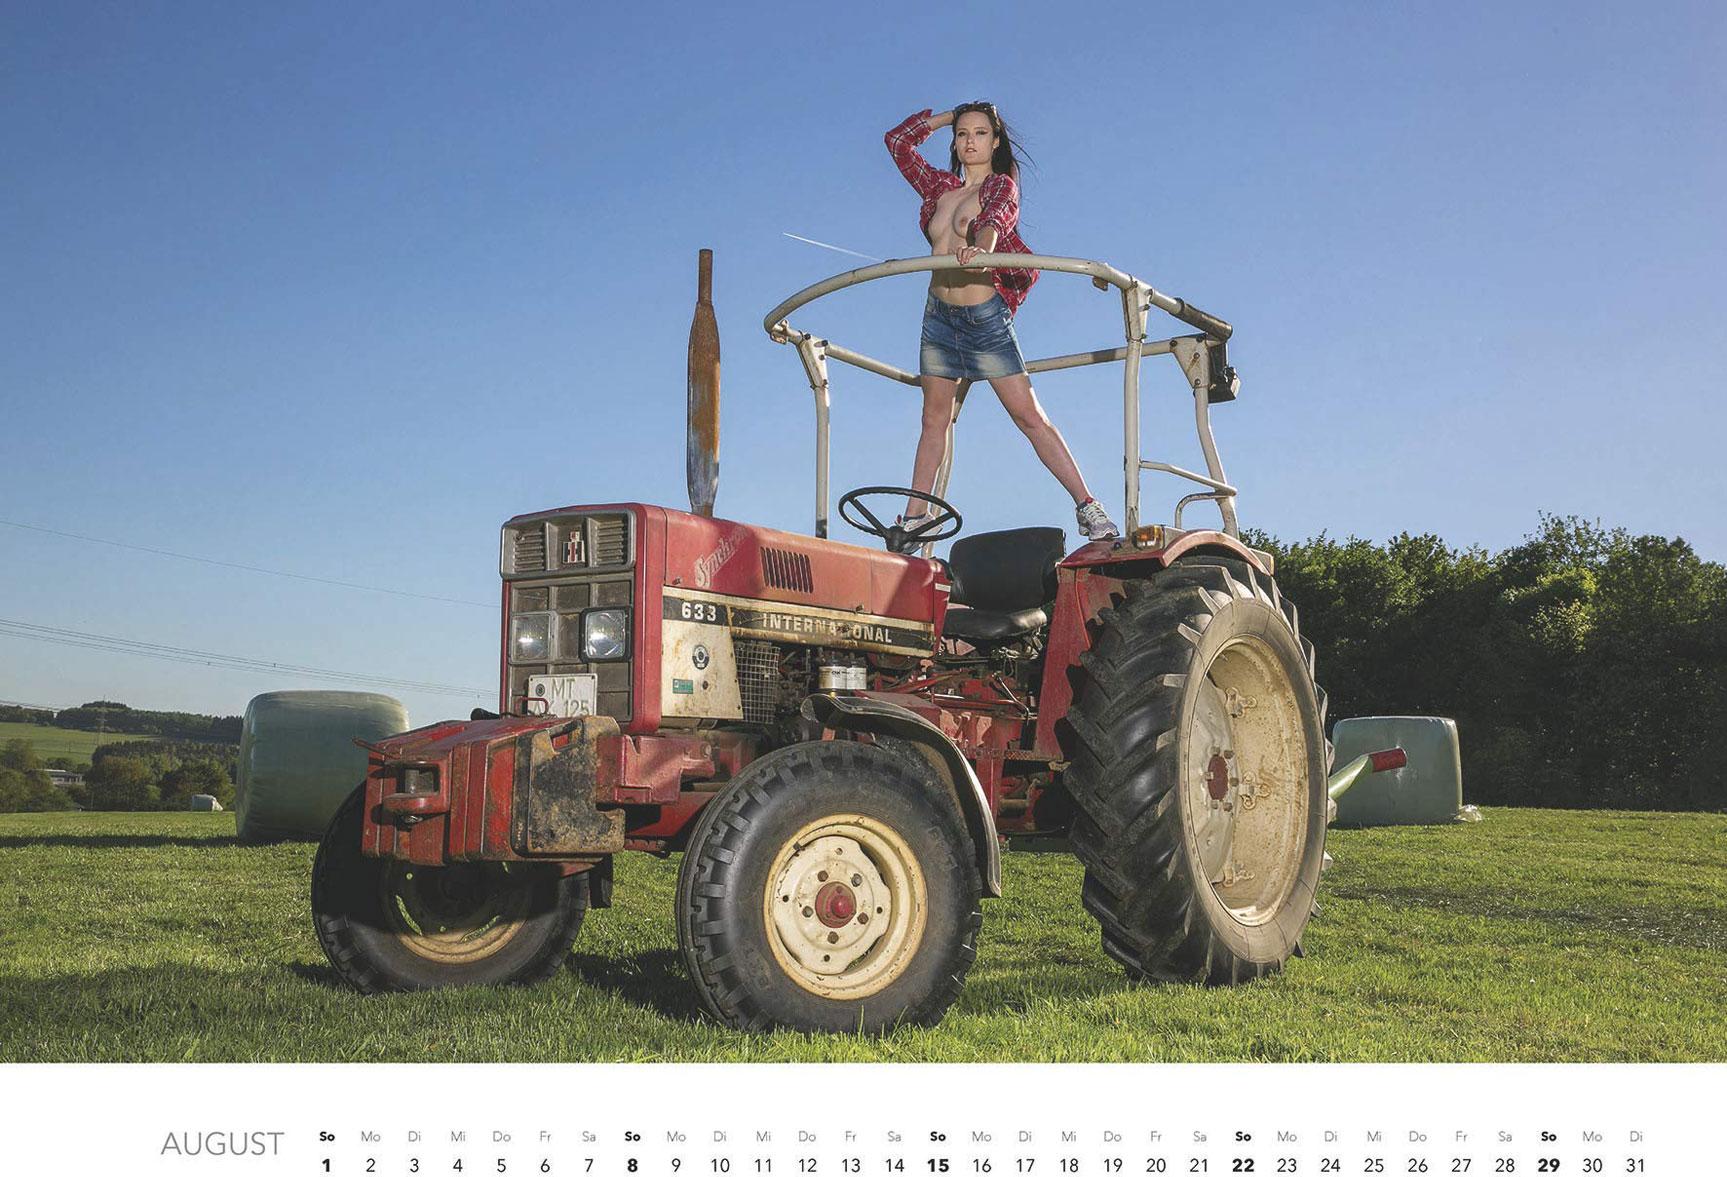 Эротический календарь -Мечты молодых фермеров 2021- / август